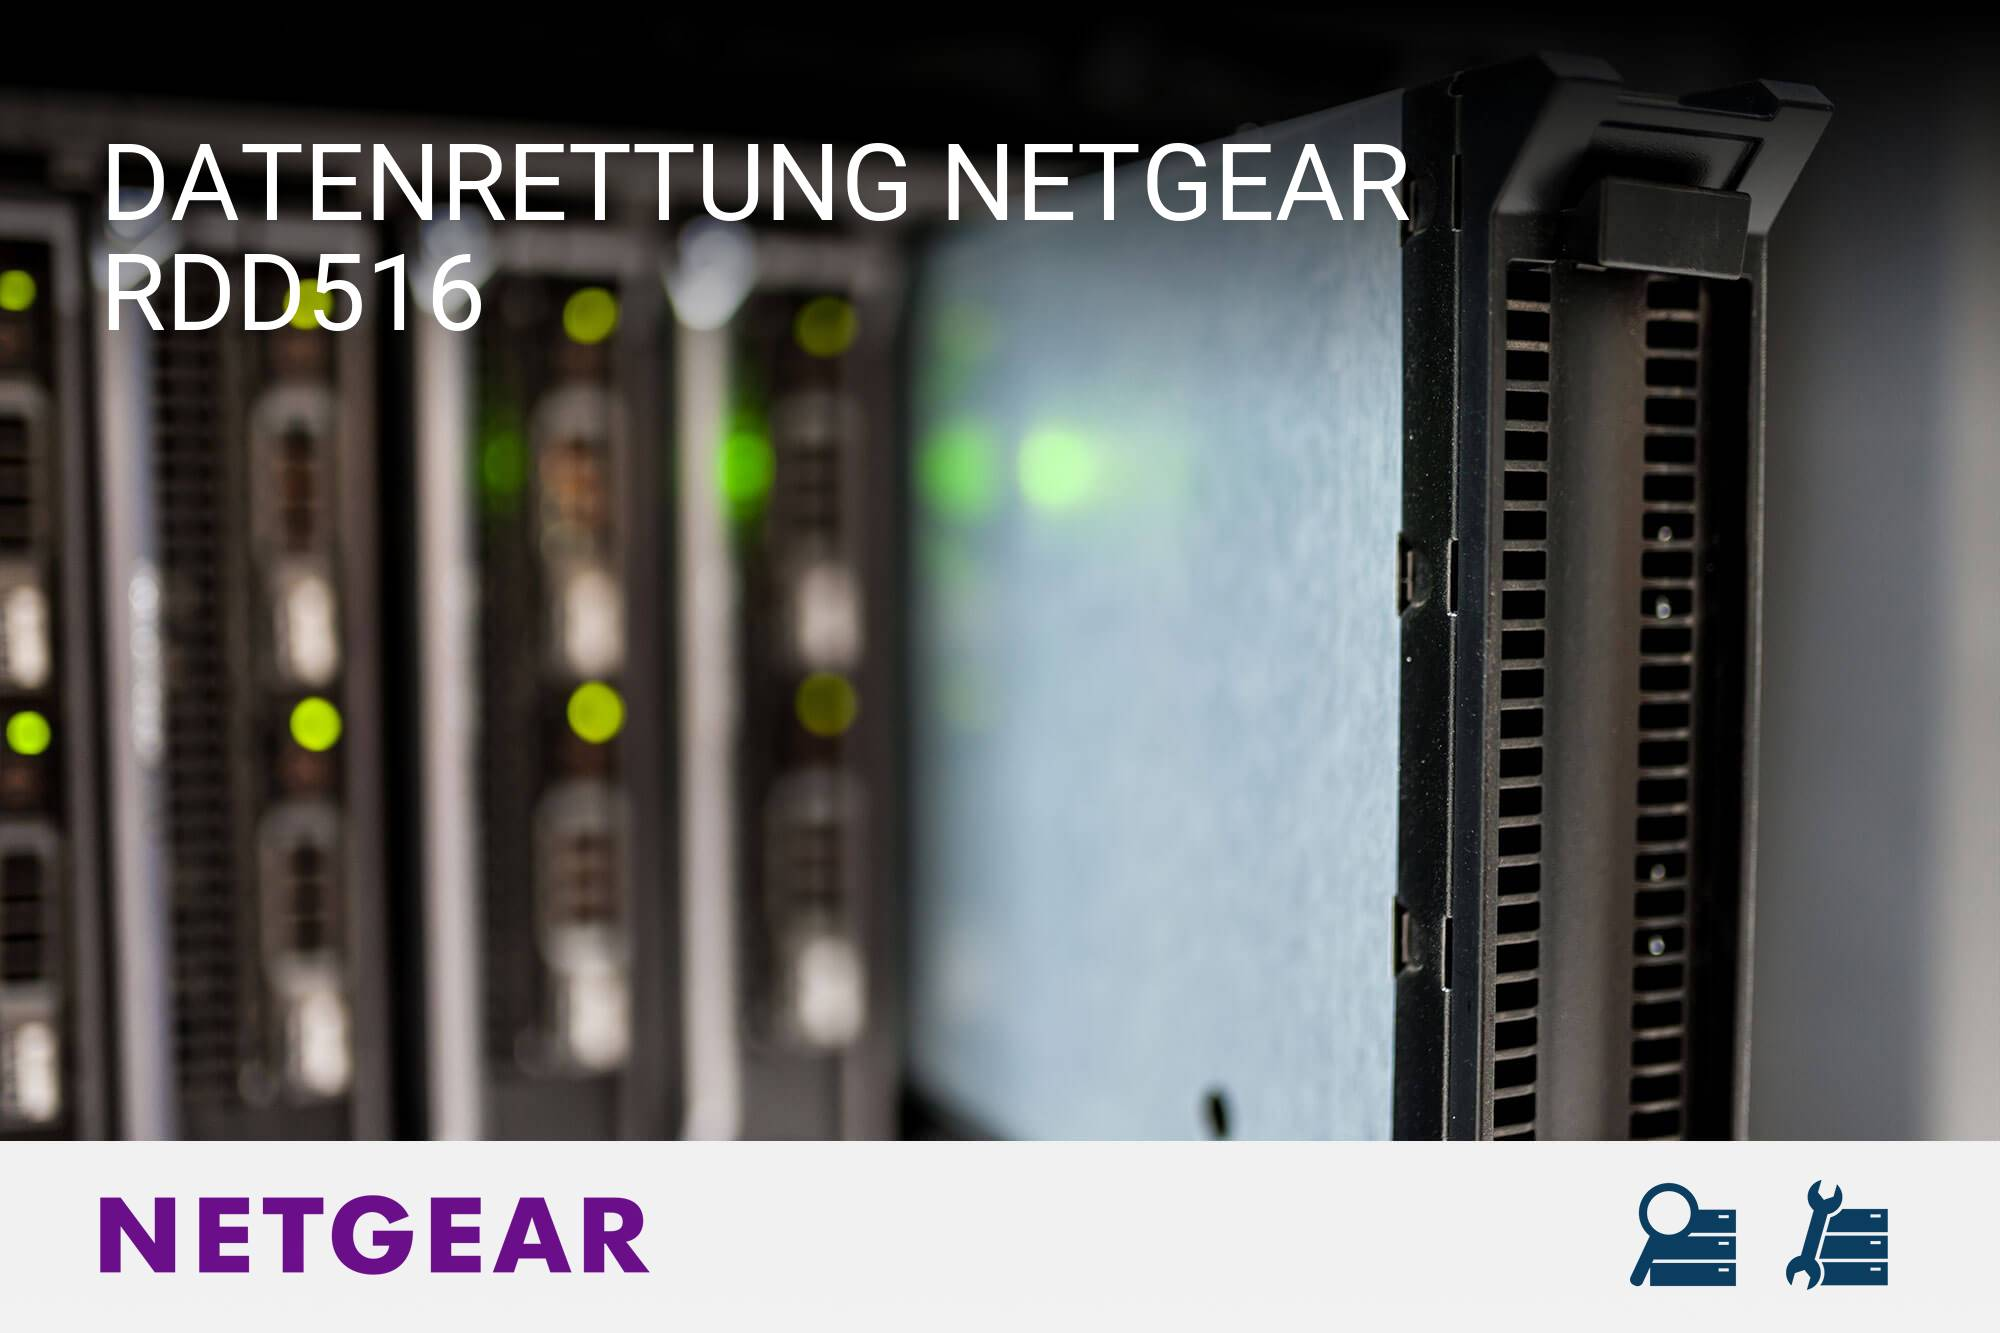 Netgear RDD516